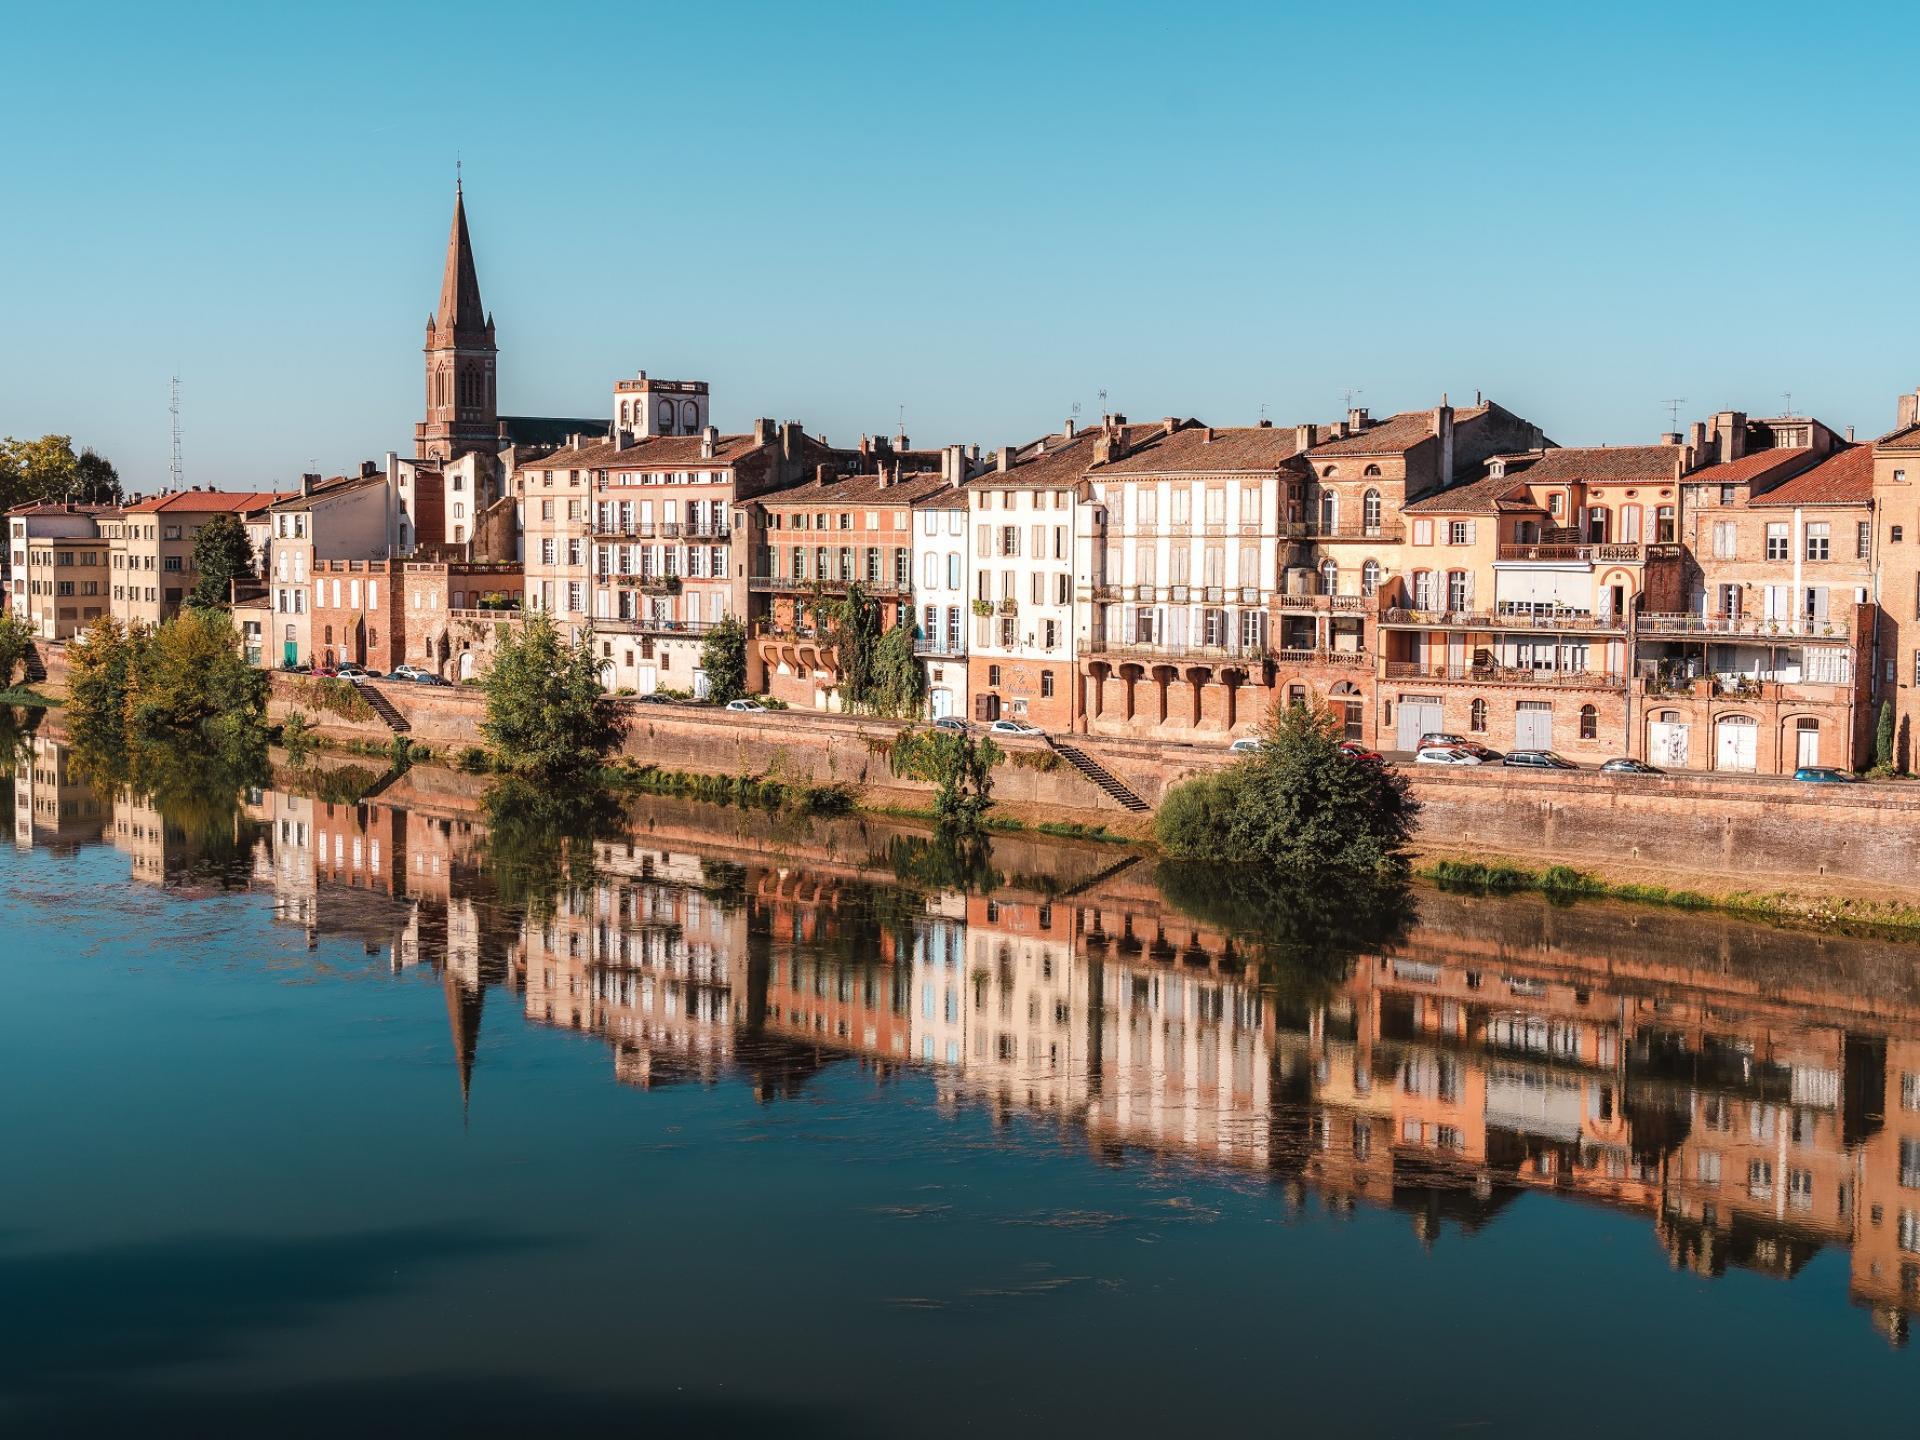 vue-montauban-quai-villebourbon.jpg